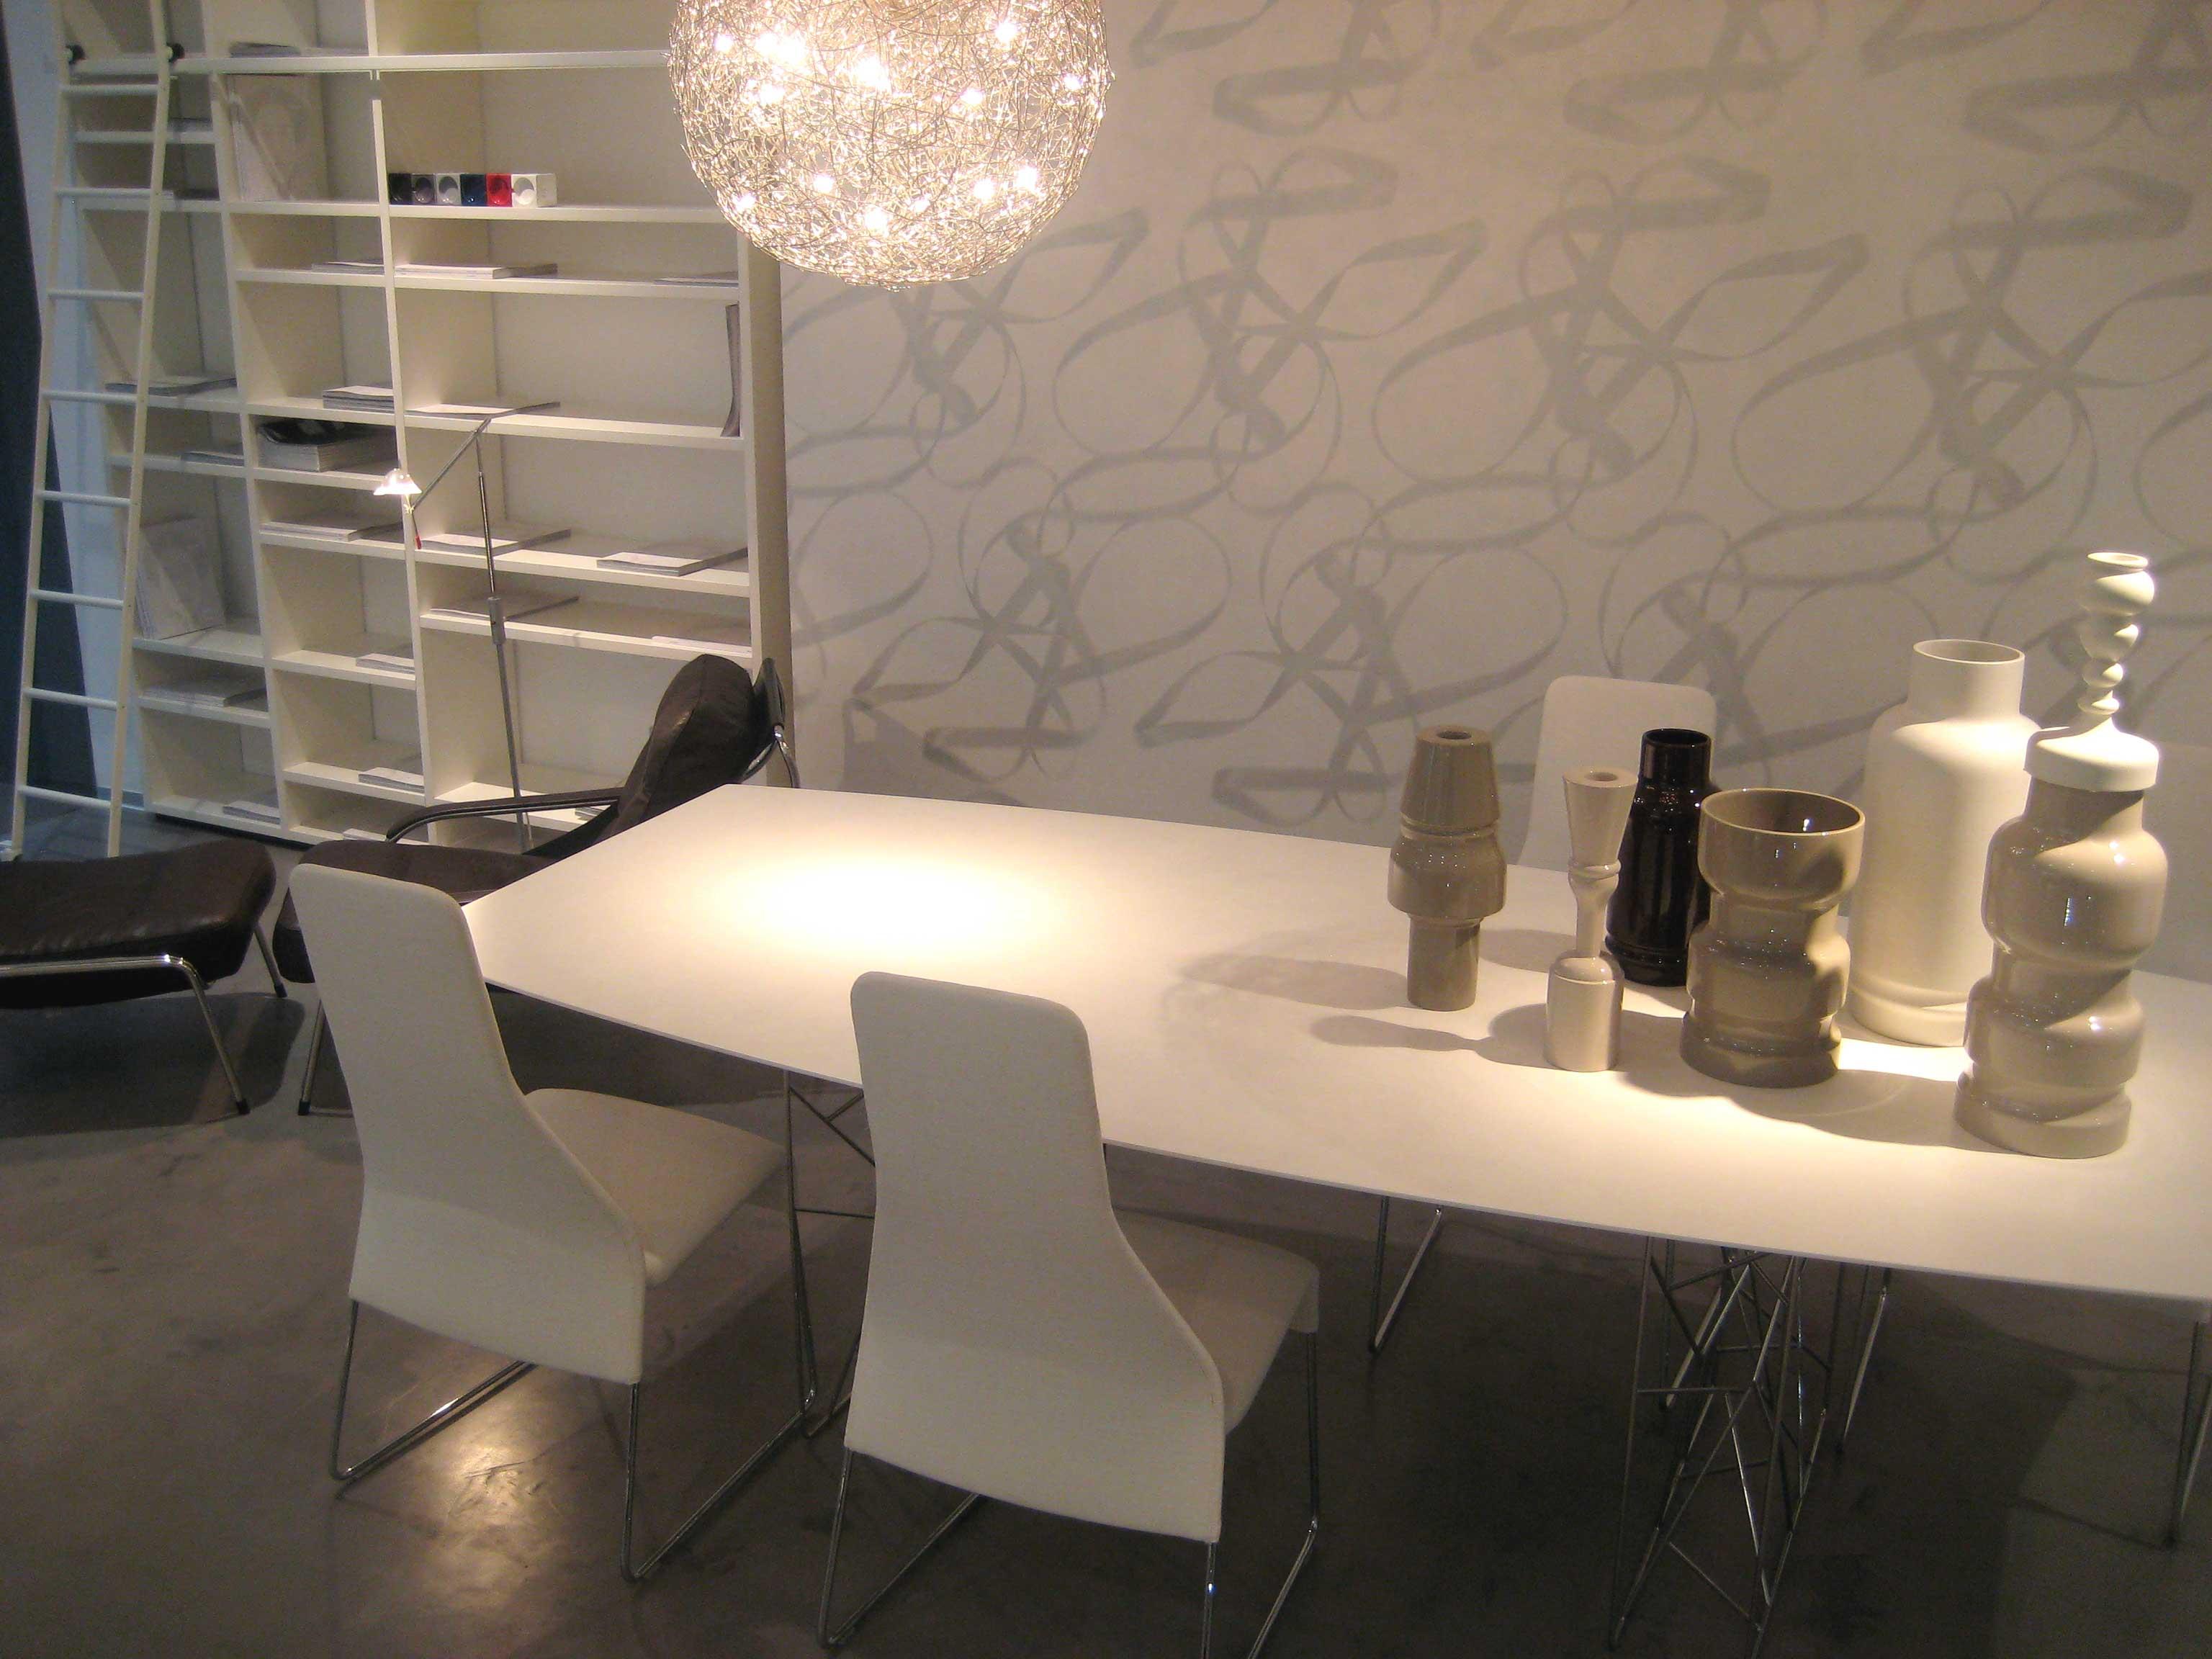 Libreria y mesa con sillas Forma Interiorismo